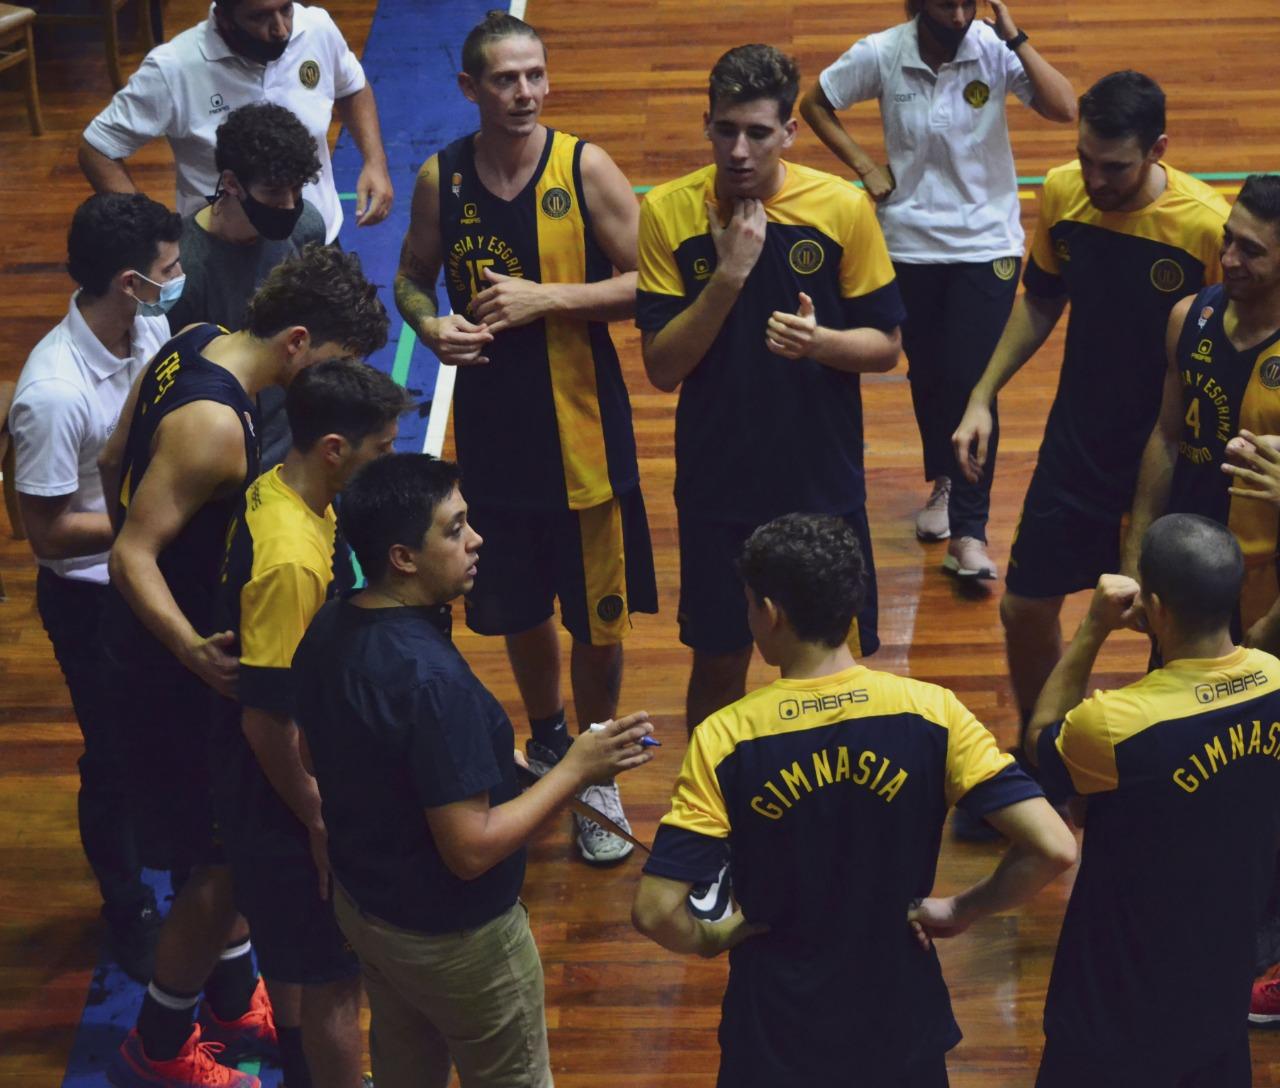 Gimnasia de Rosario se pone al día frente a Timbúes